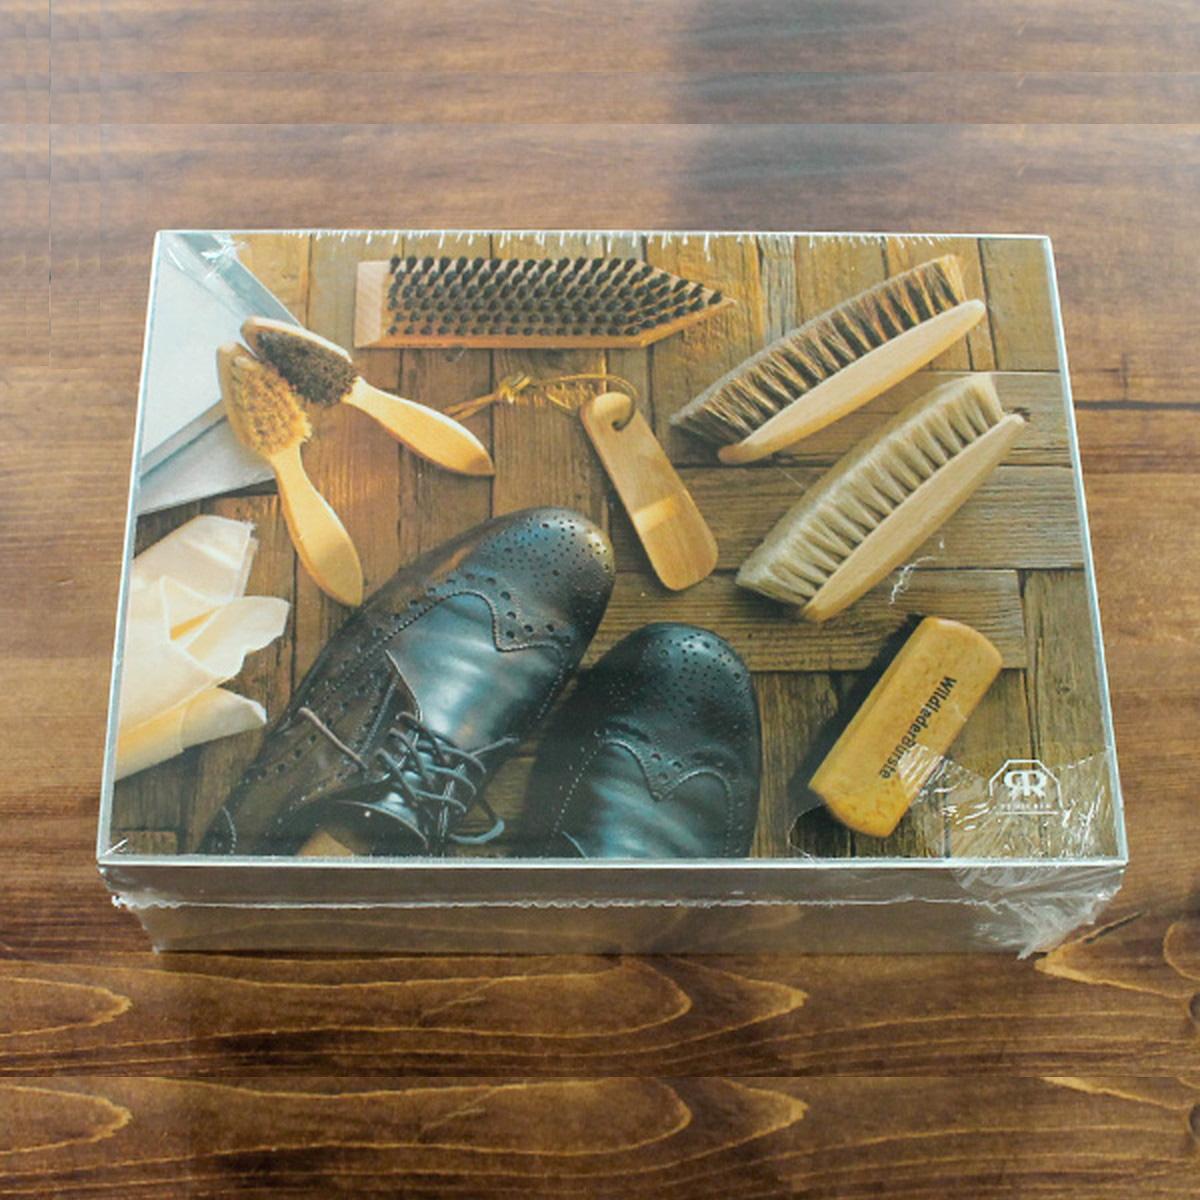 レデッカー REDECKER 豪華靴磨き9点· 雑貨 381600 豪華靴磨き9点·